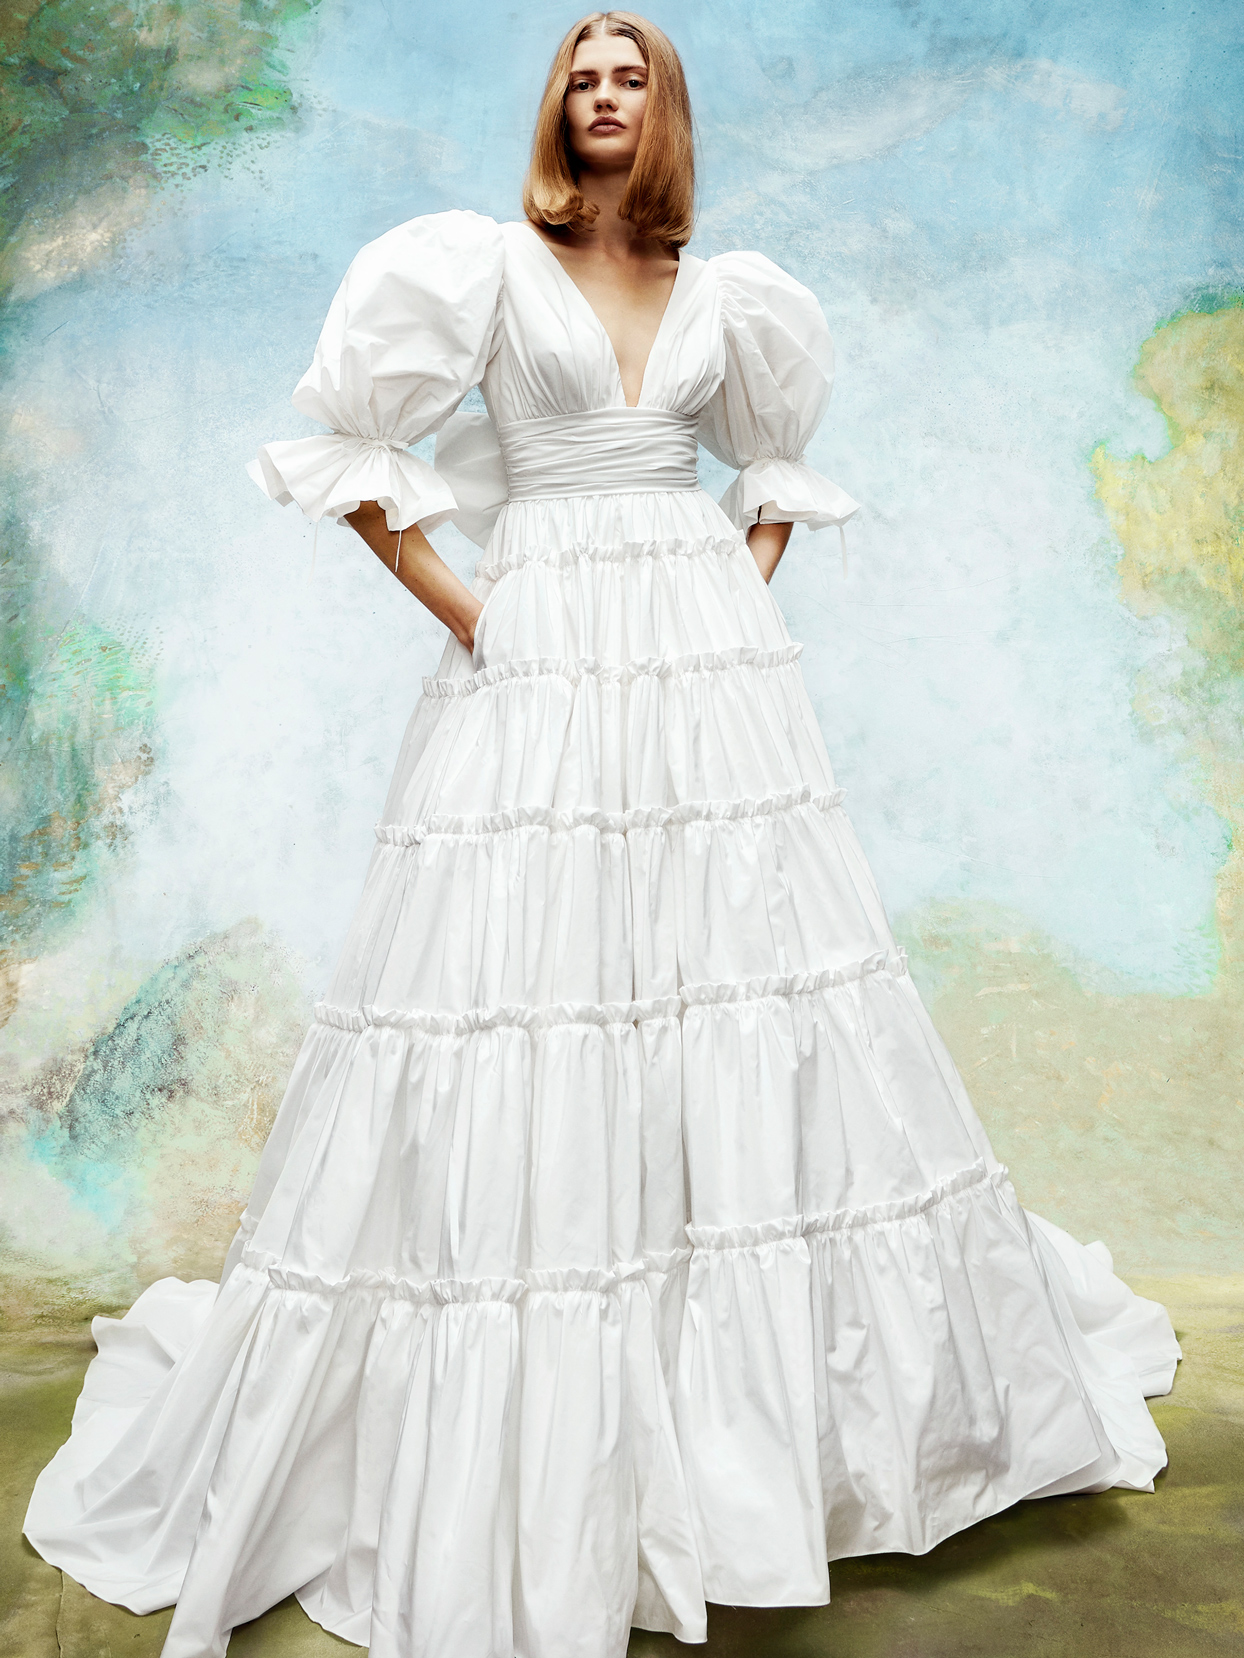 viktor and rolf v-neck bishop sleeves a-line wedding dress fall 2020